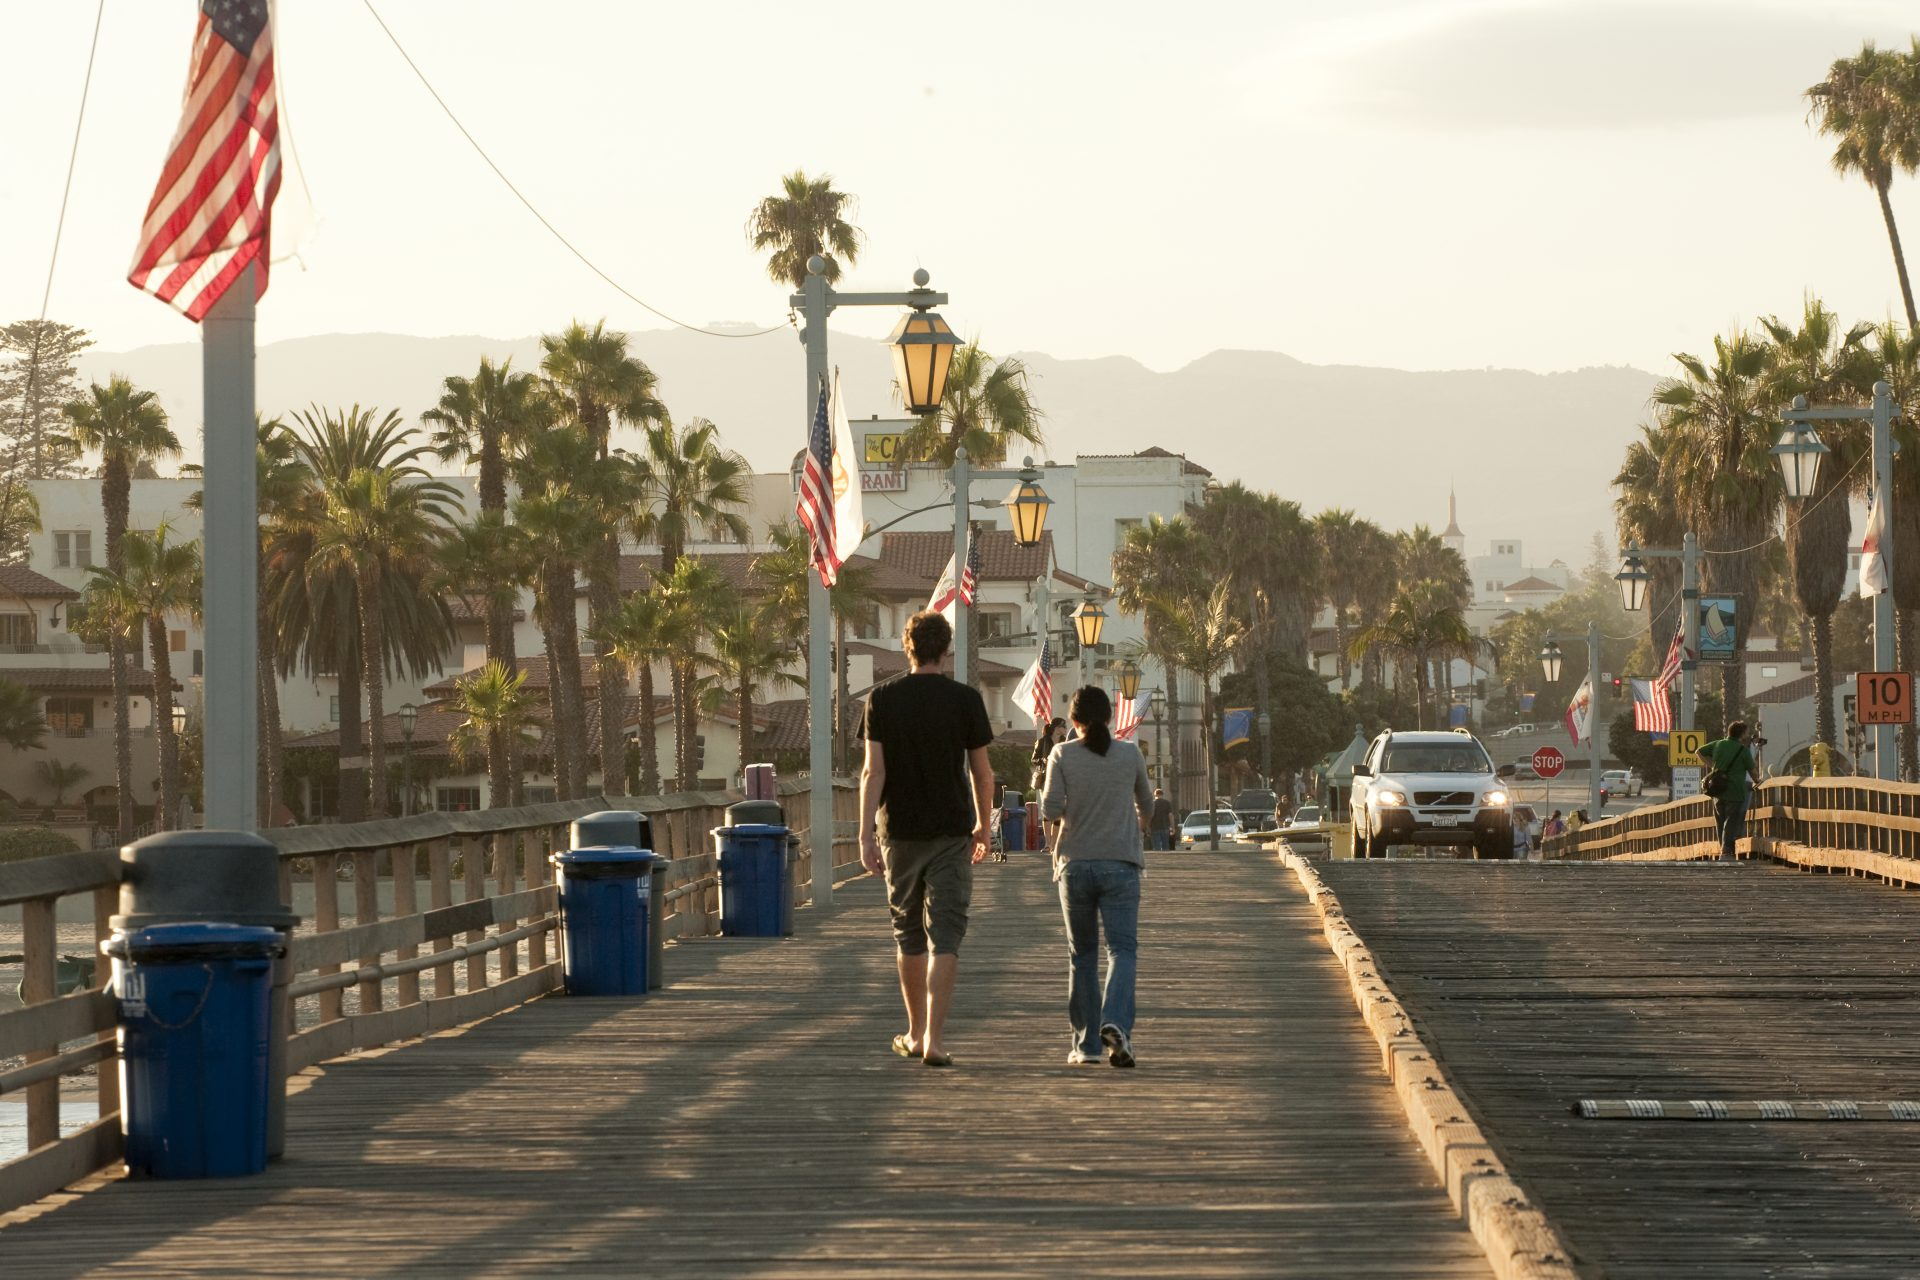 O píer de Santa Barbara, cidade que é parada obrigatória para quem roda pela Higway 1